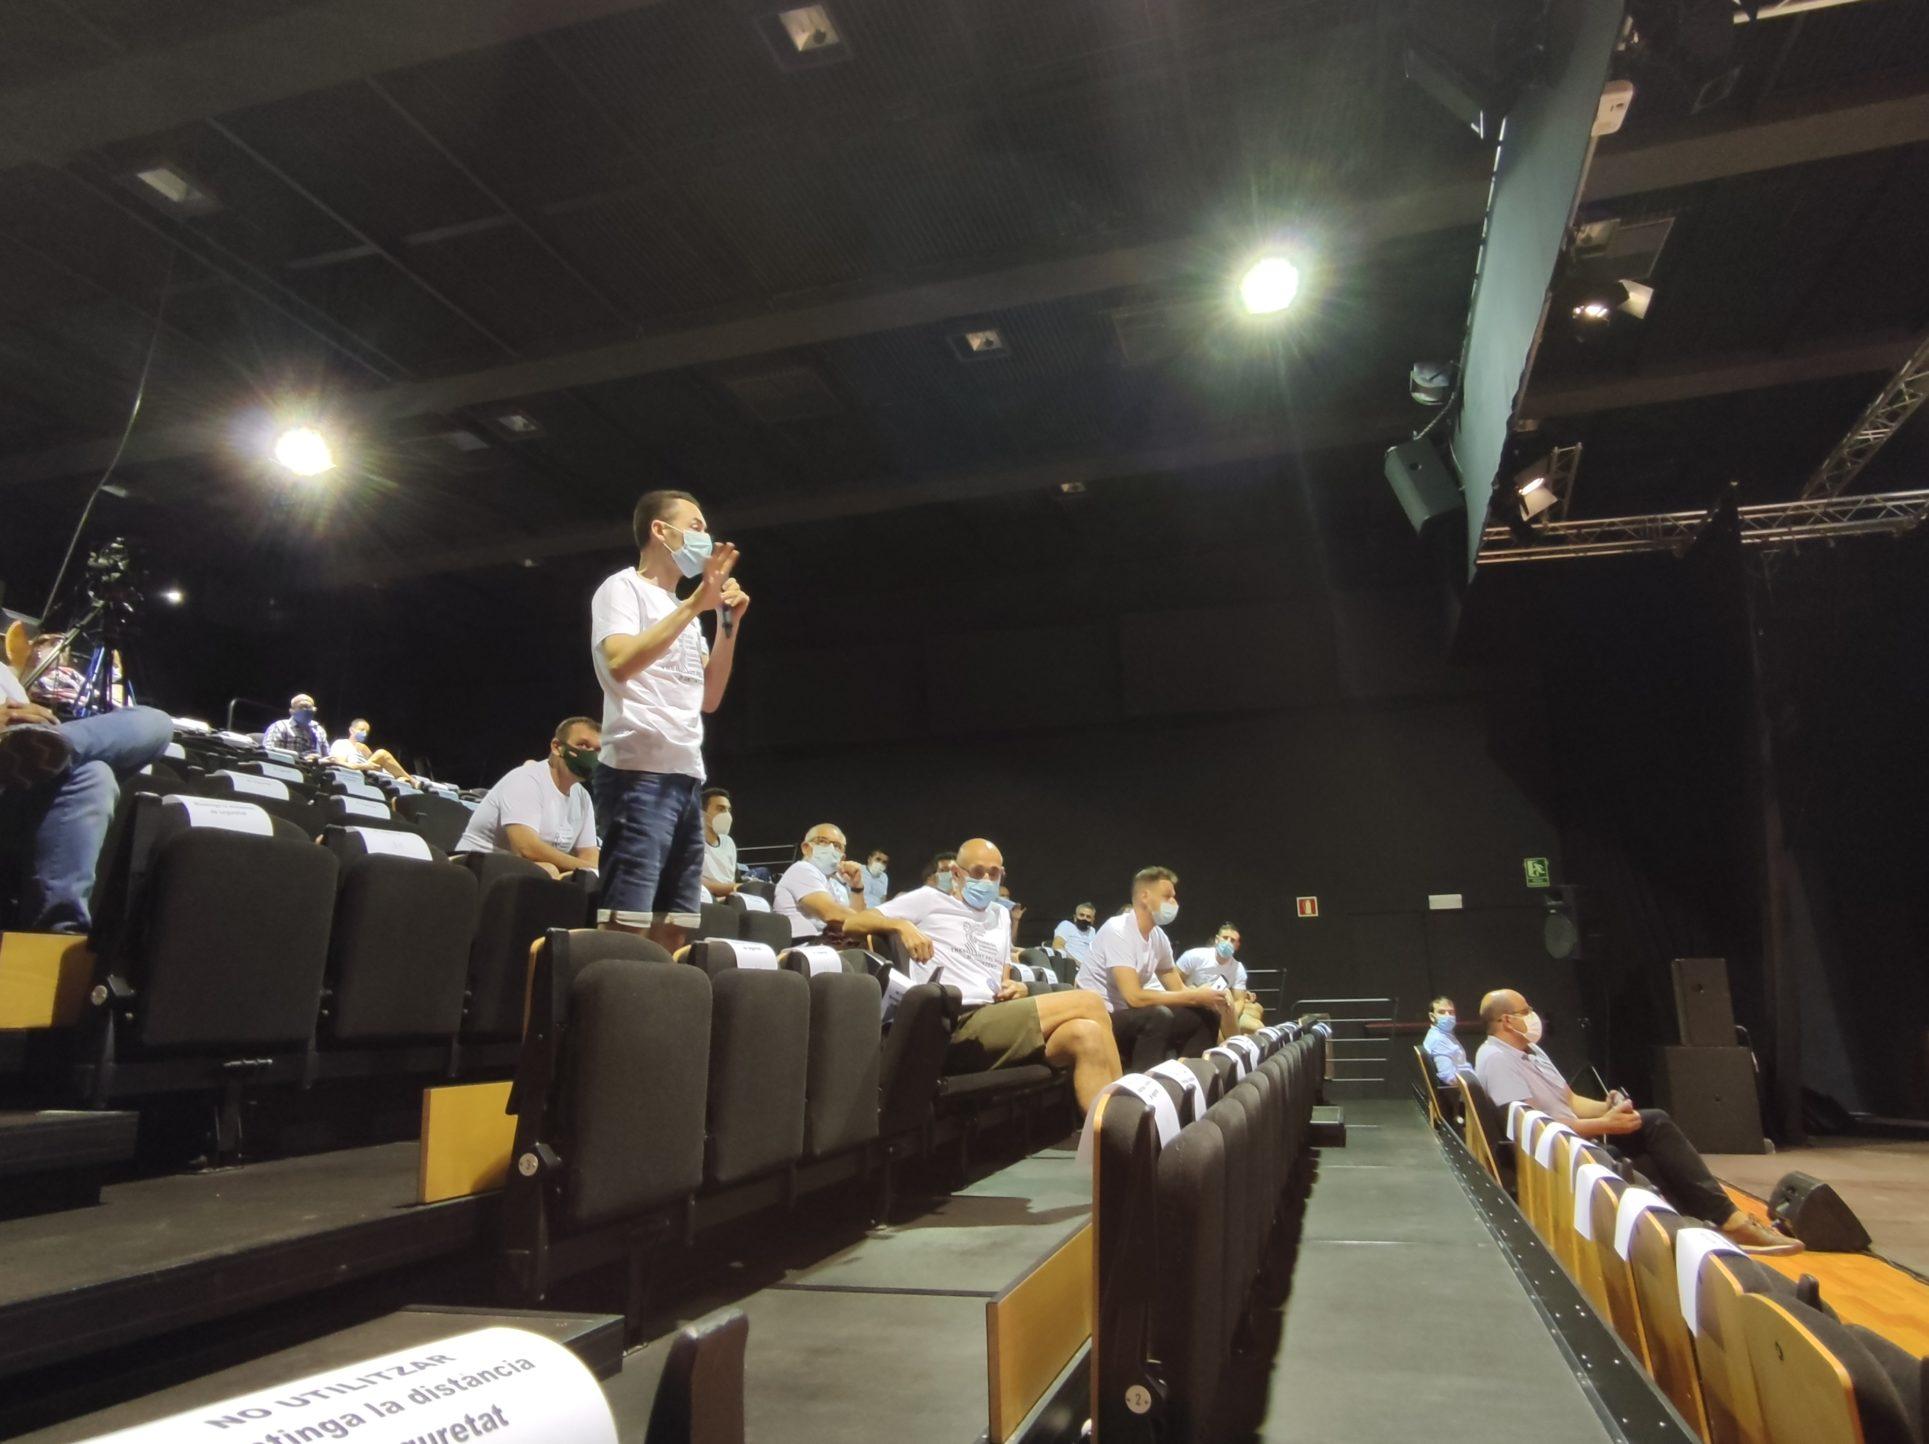 La Policia Local protesta al plenari i denuncia que no els han pagat hores extraordinàries El Periòdic d'Ontinyent - Noticies a Ontinyent